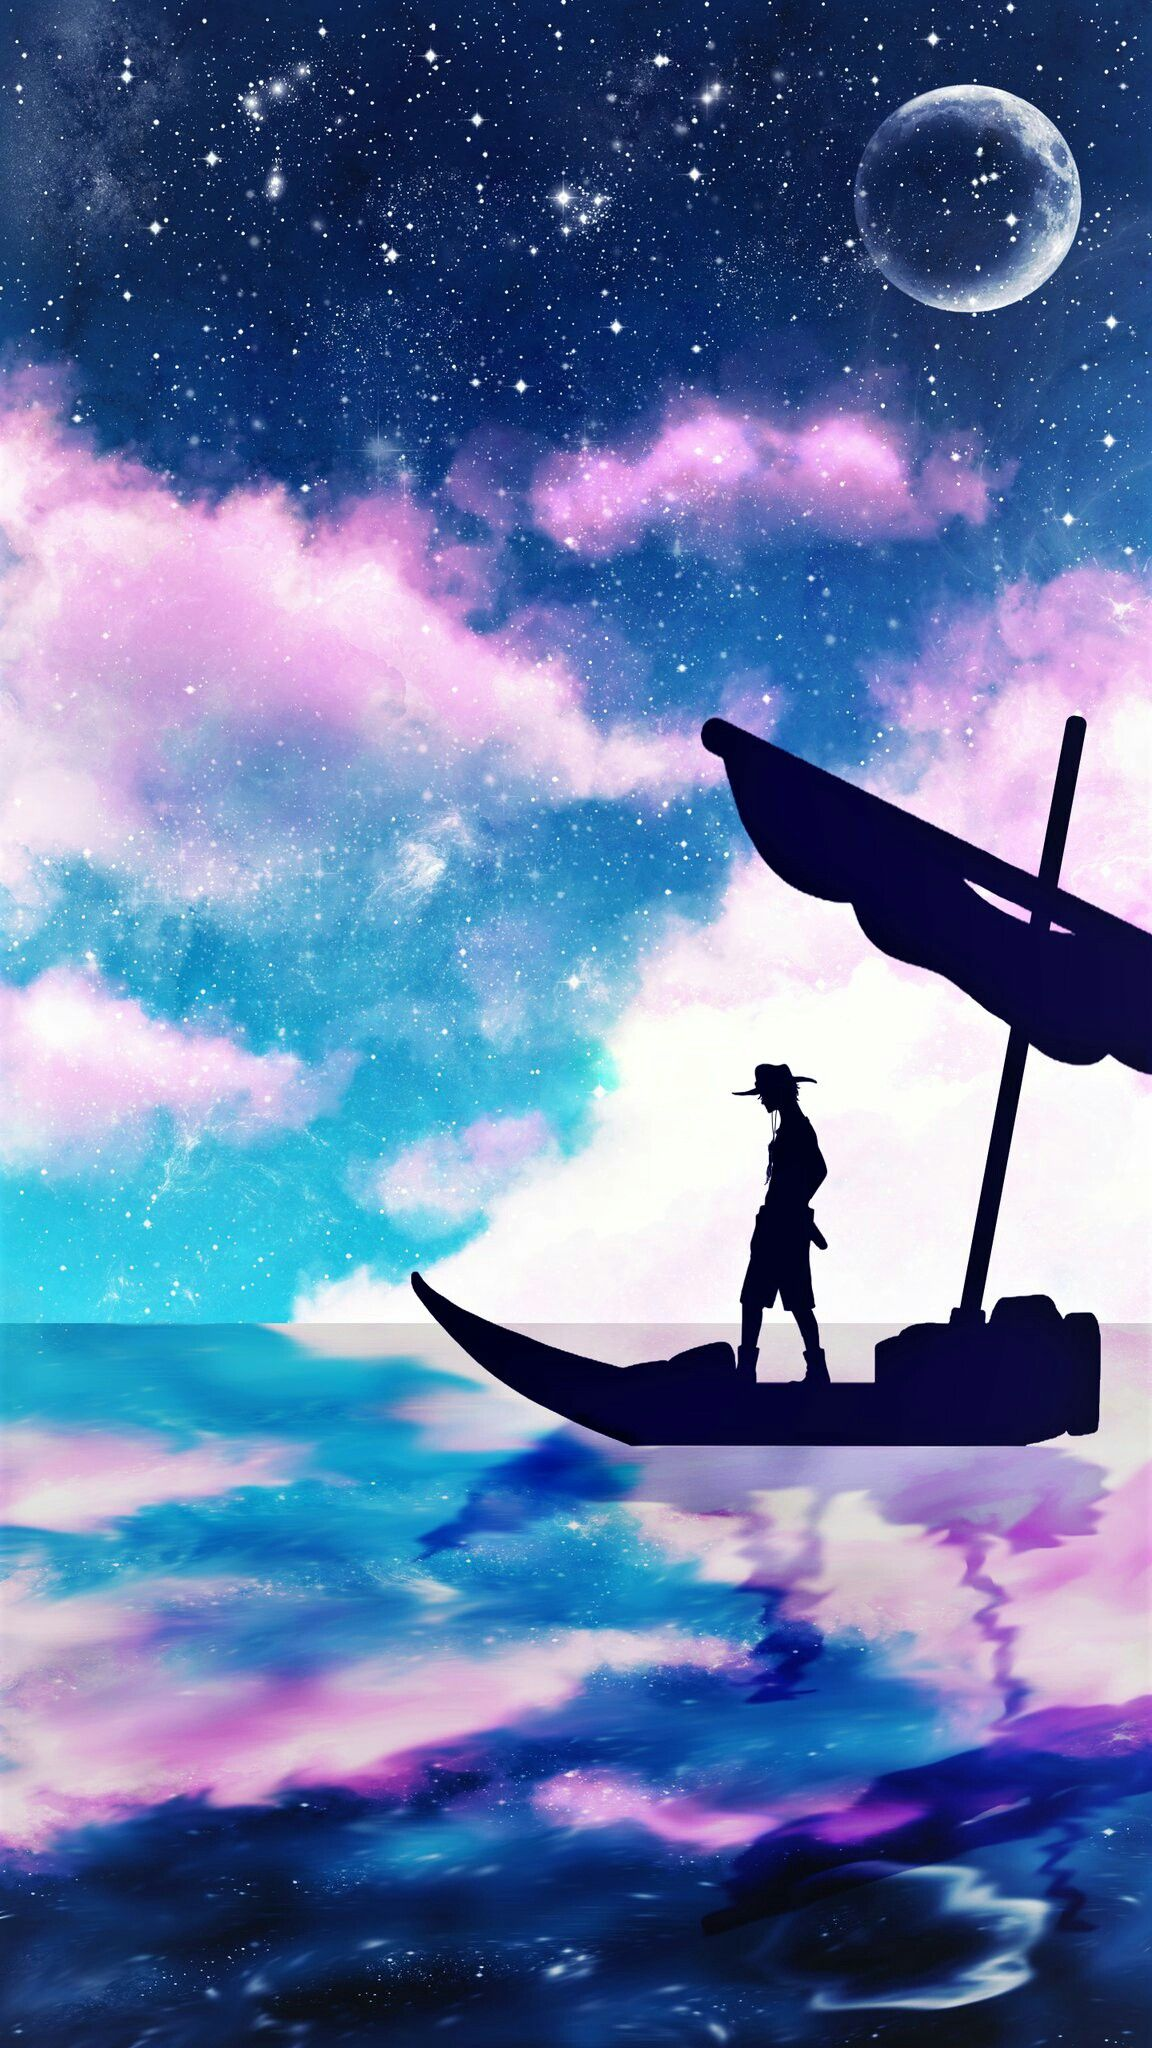 Pin de Ayman Lancelot en One piece | Fondo de pantalla de anime, Imagenes de luffy, Imagenes de ...